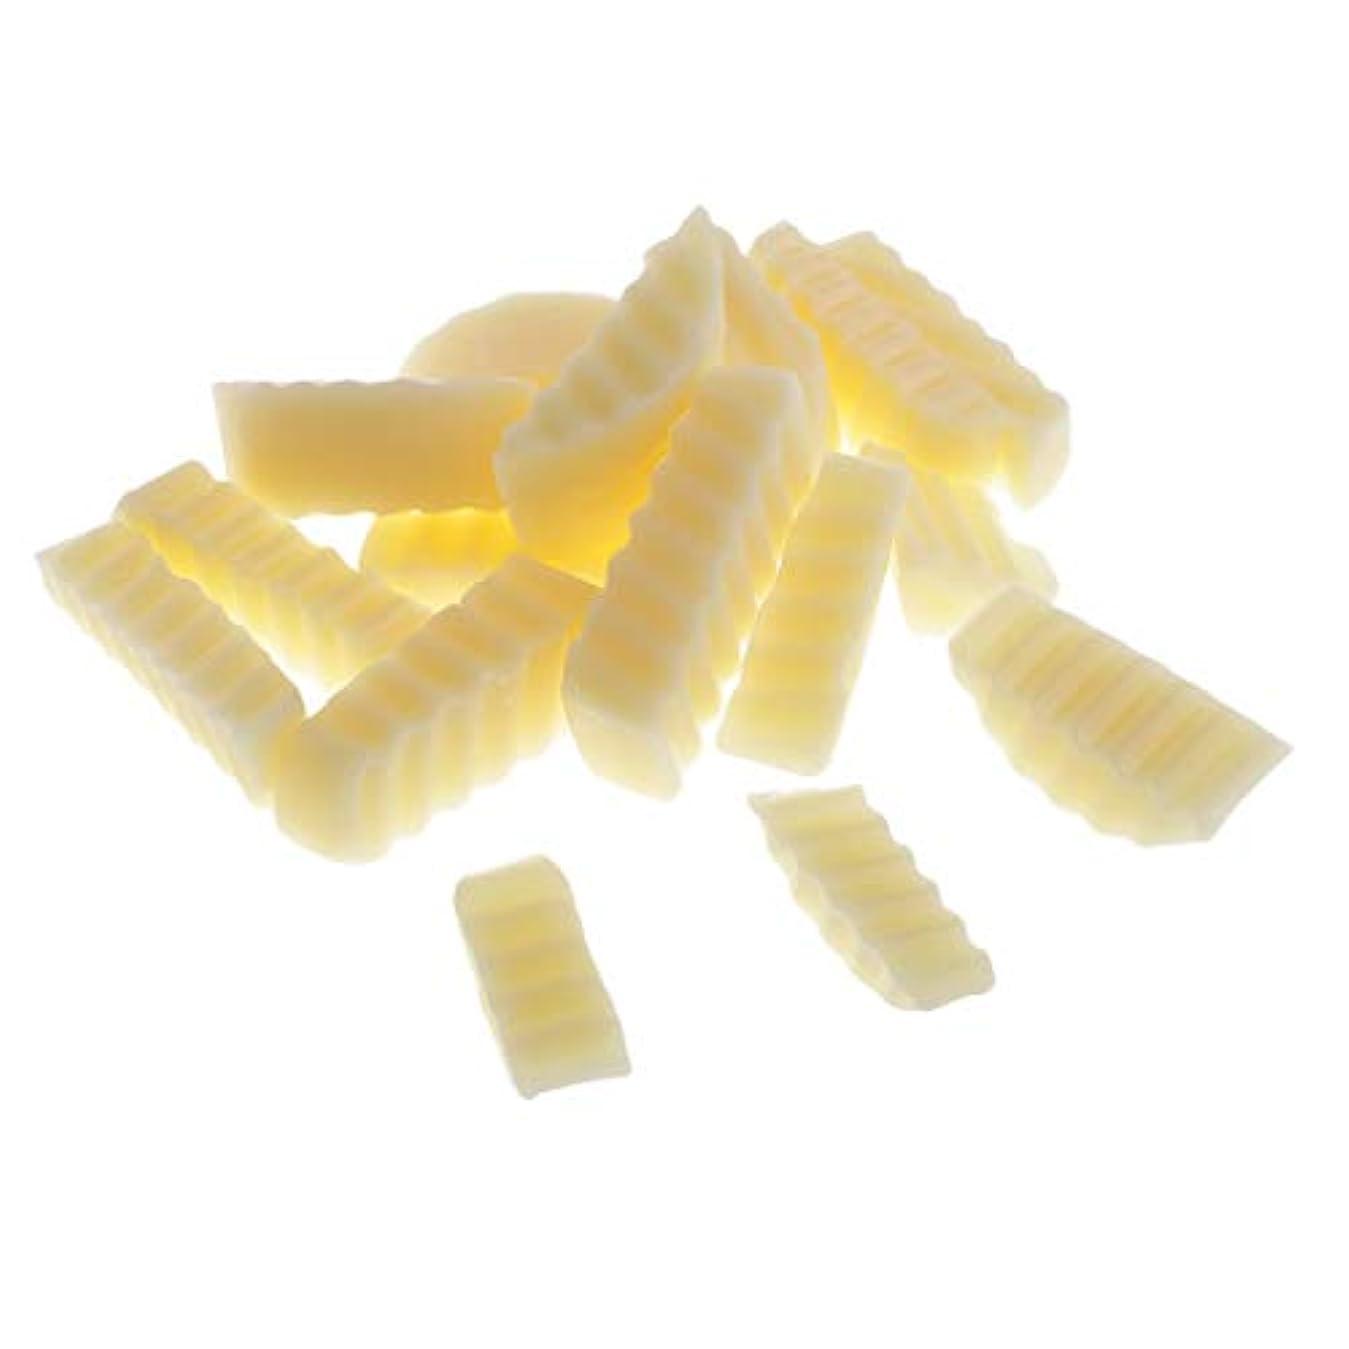 バタフライ姿勢故国D DOLITY ラノリン石鹸 自然な素材 DIY工芸品 手作り 石鹸 固形せっけん 約250g /パック